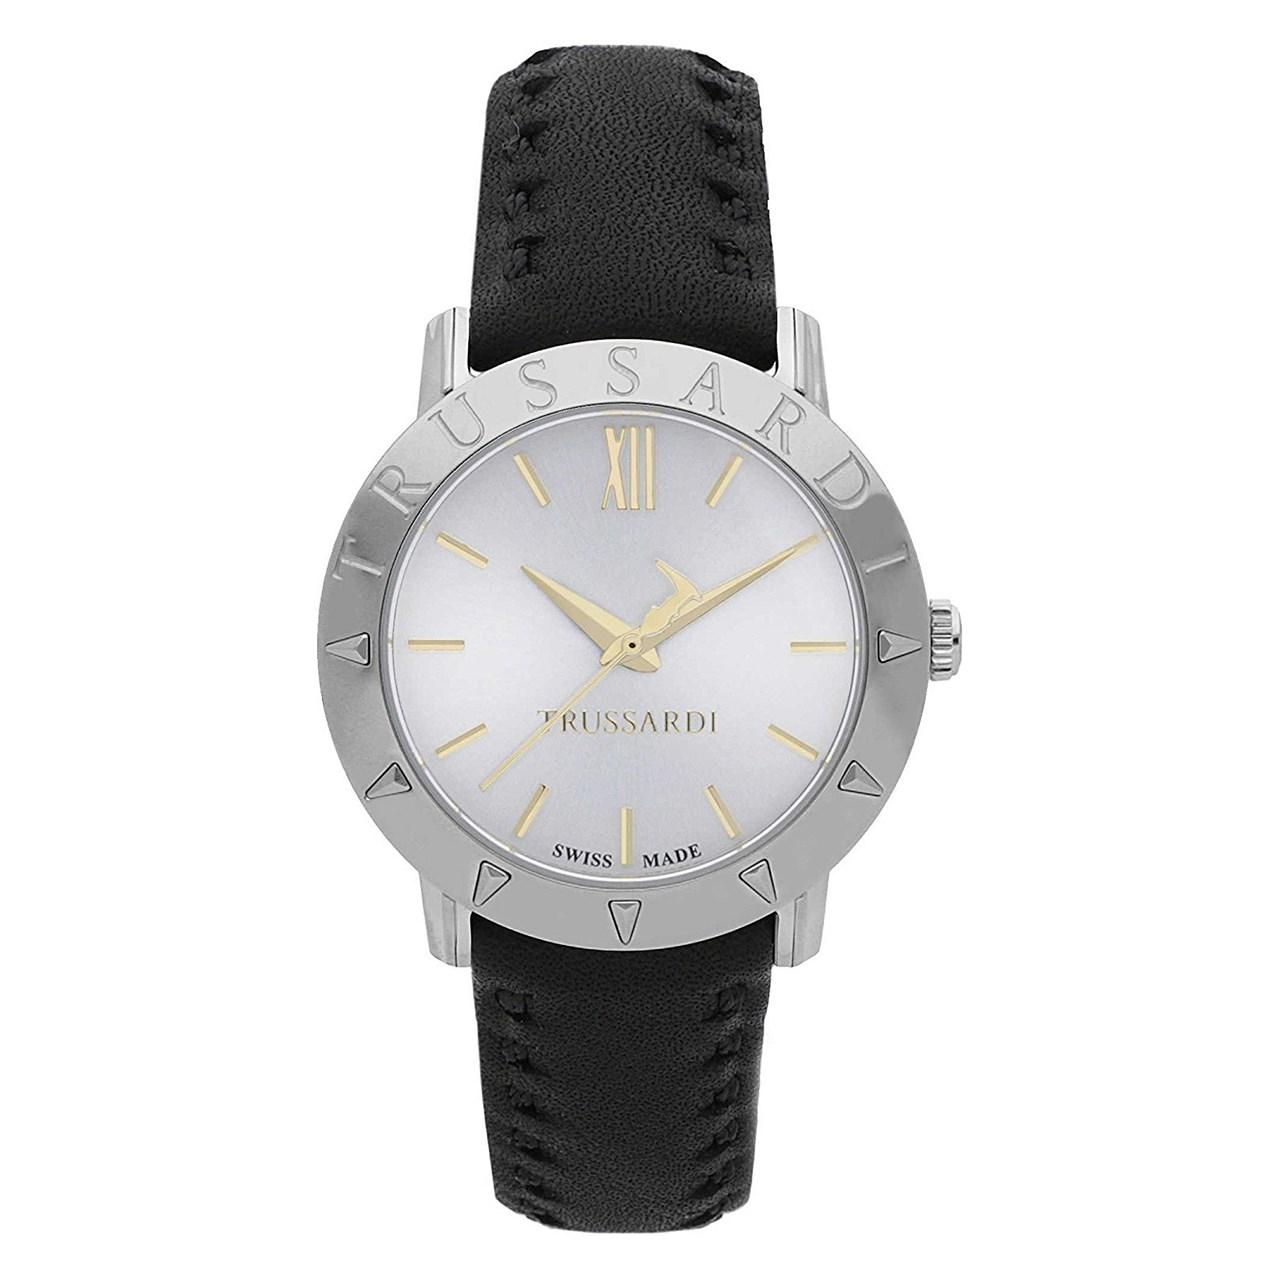 ساعت مچی عقربه ای زنانه تروساردی مدل TR-R2451108504